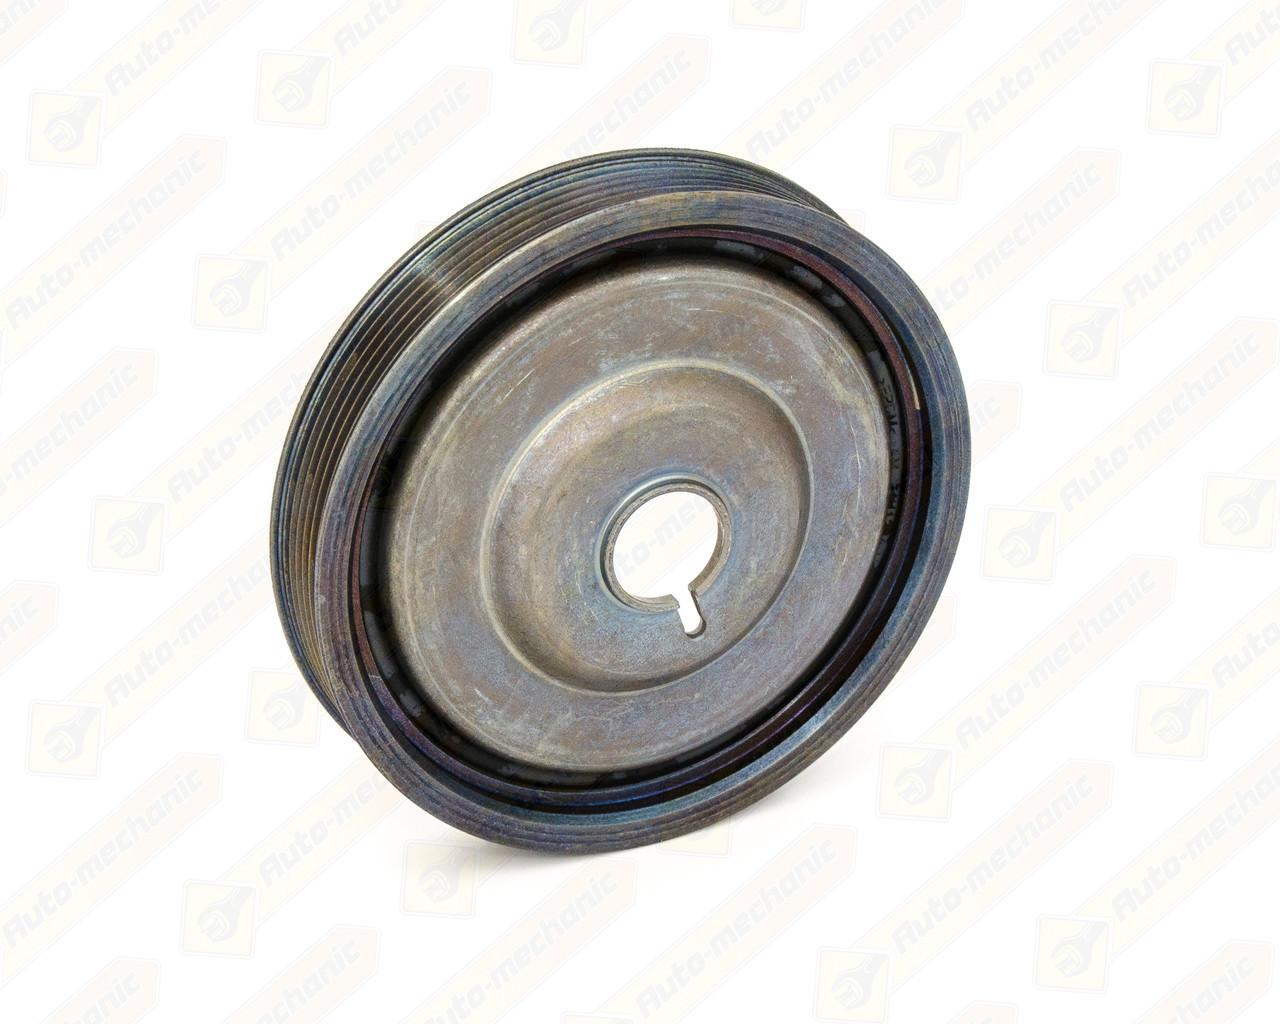 Ременной шкив коленчатого вала на Renault Lodgy 2012-> 1.5dCi — Renault (Оригинал) - 123030453R